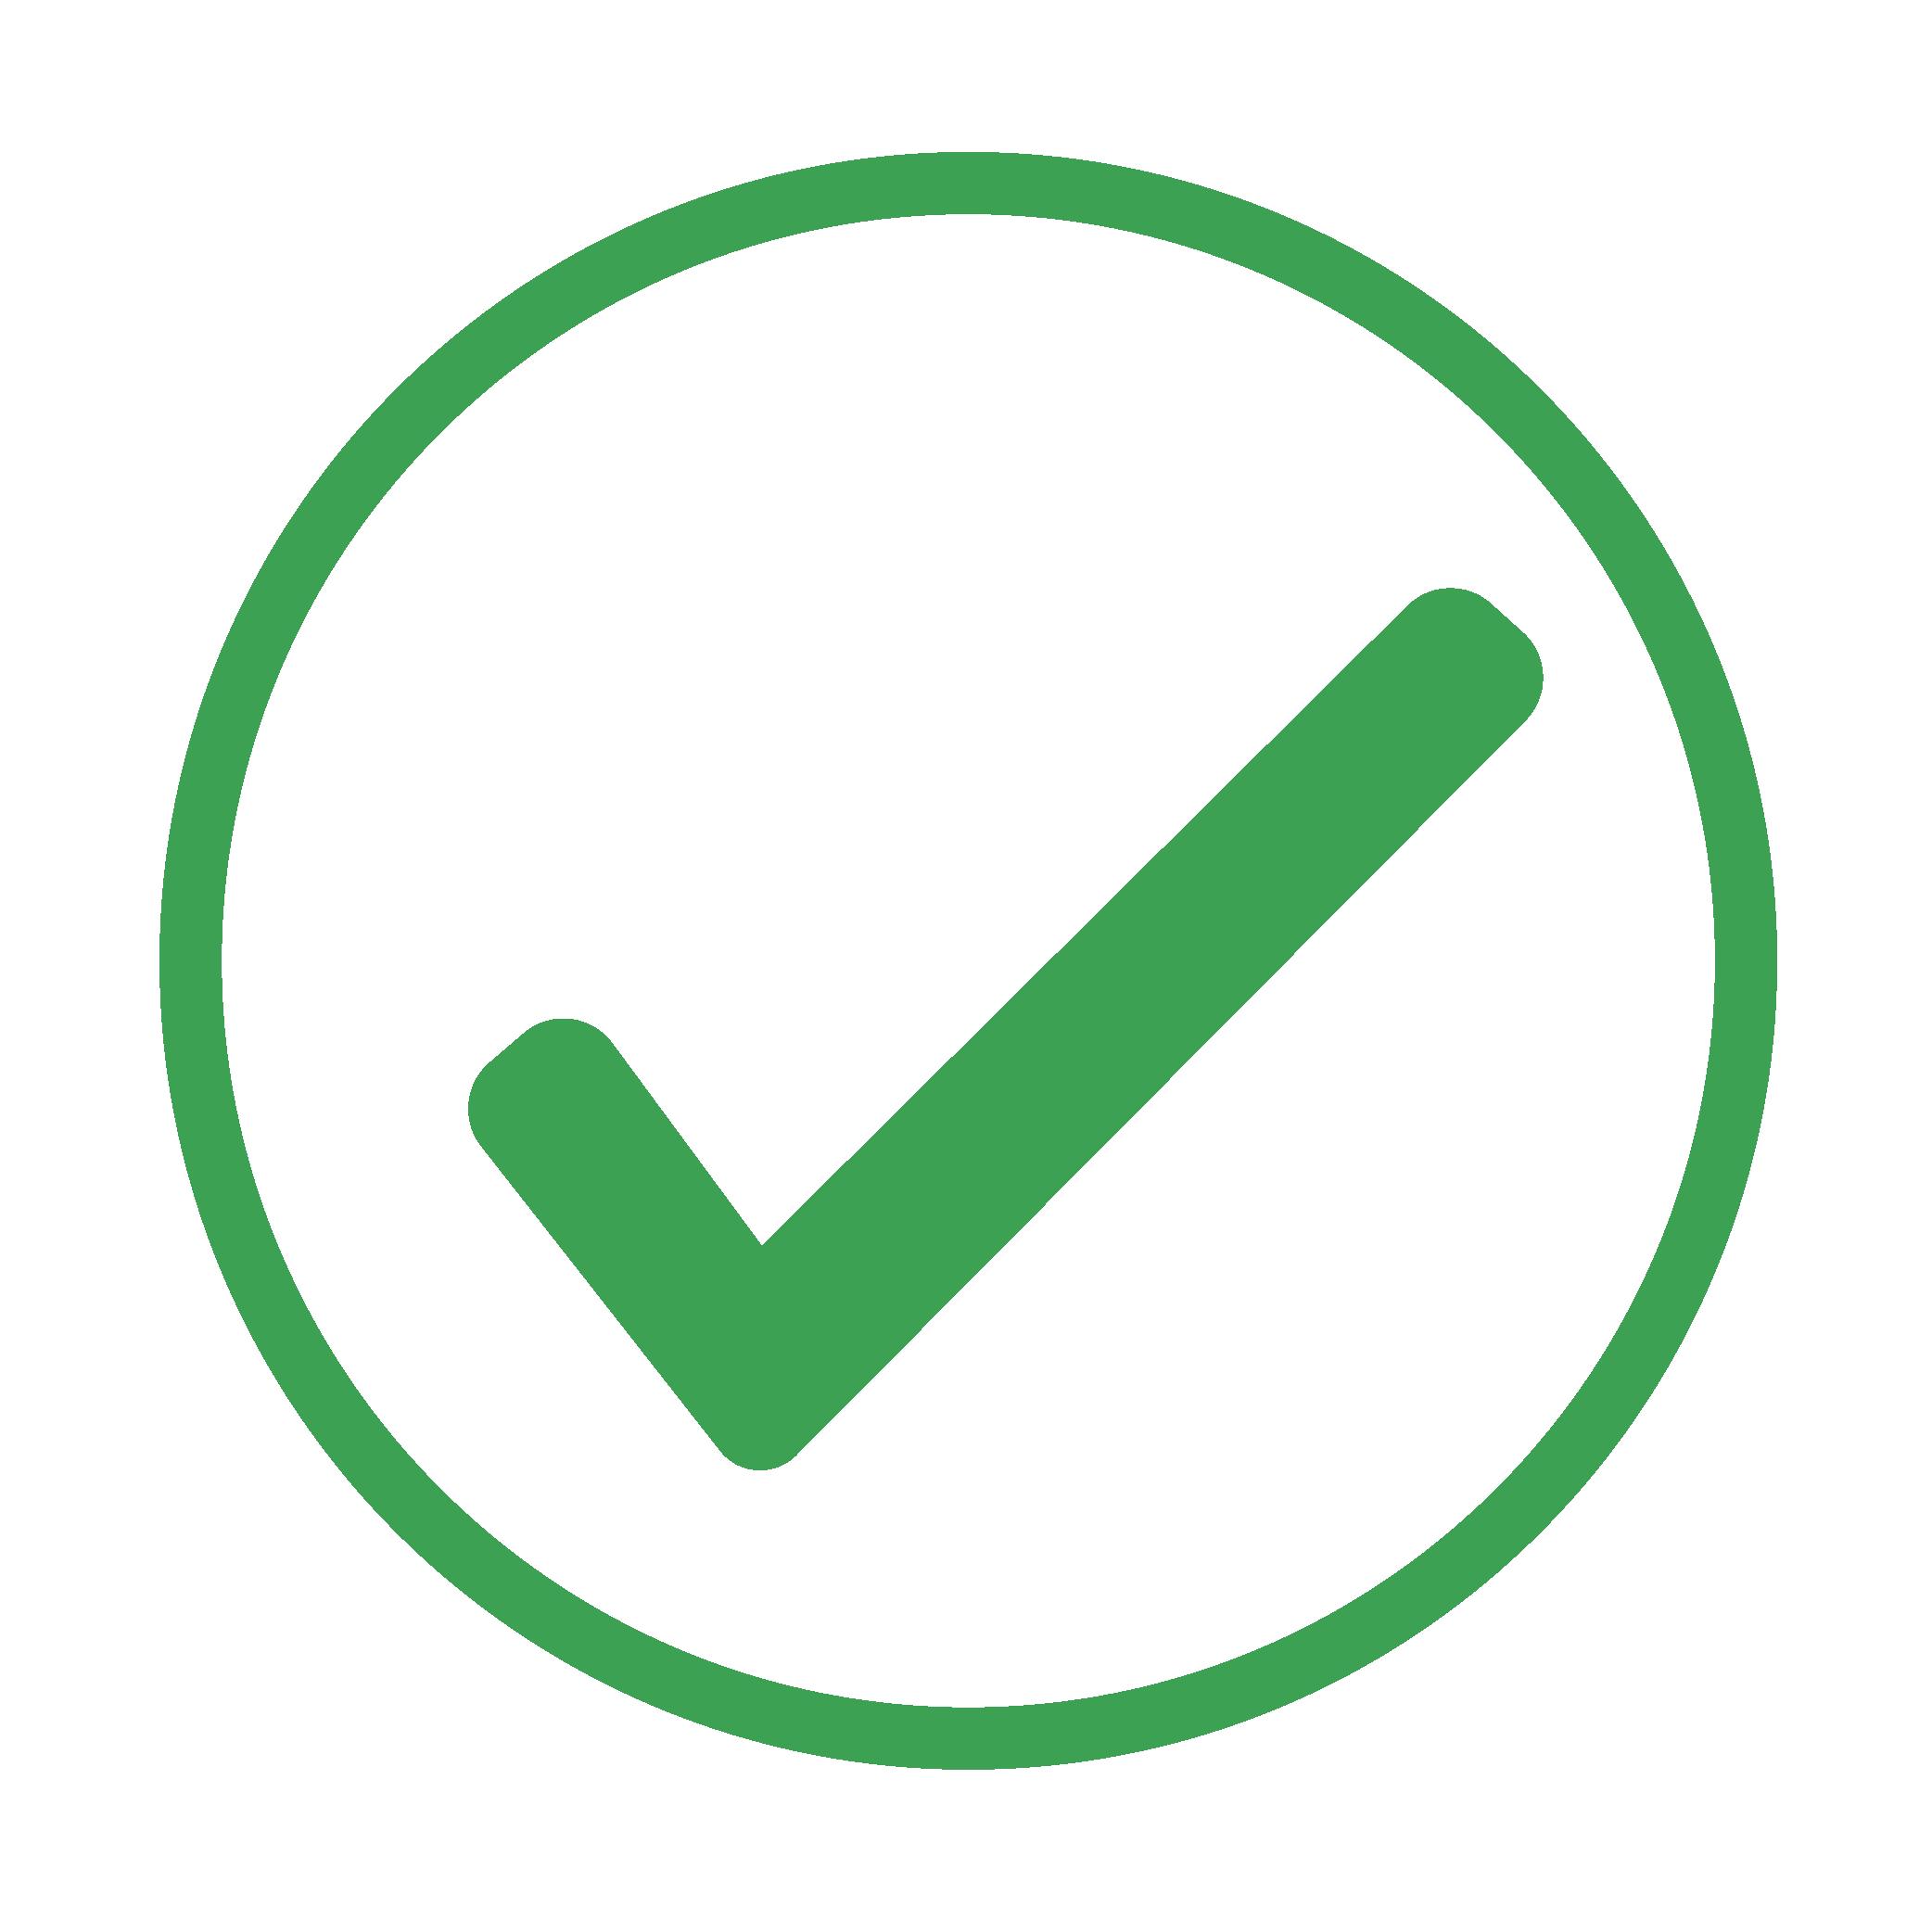 green icon of a checkmark